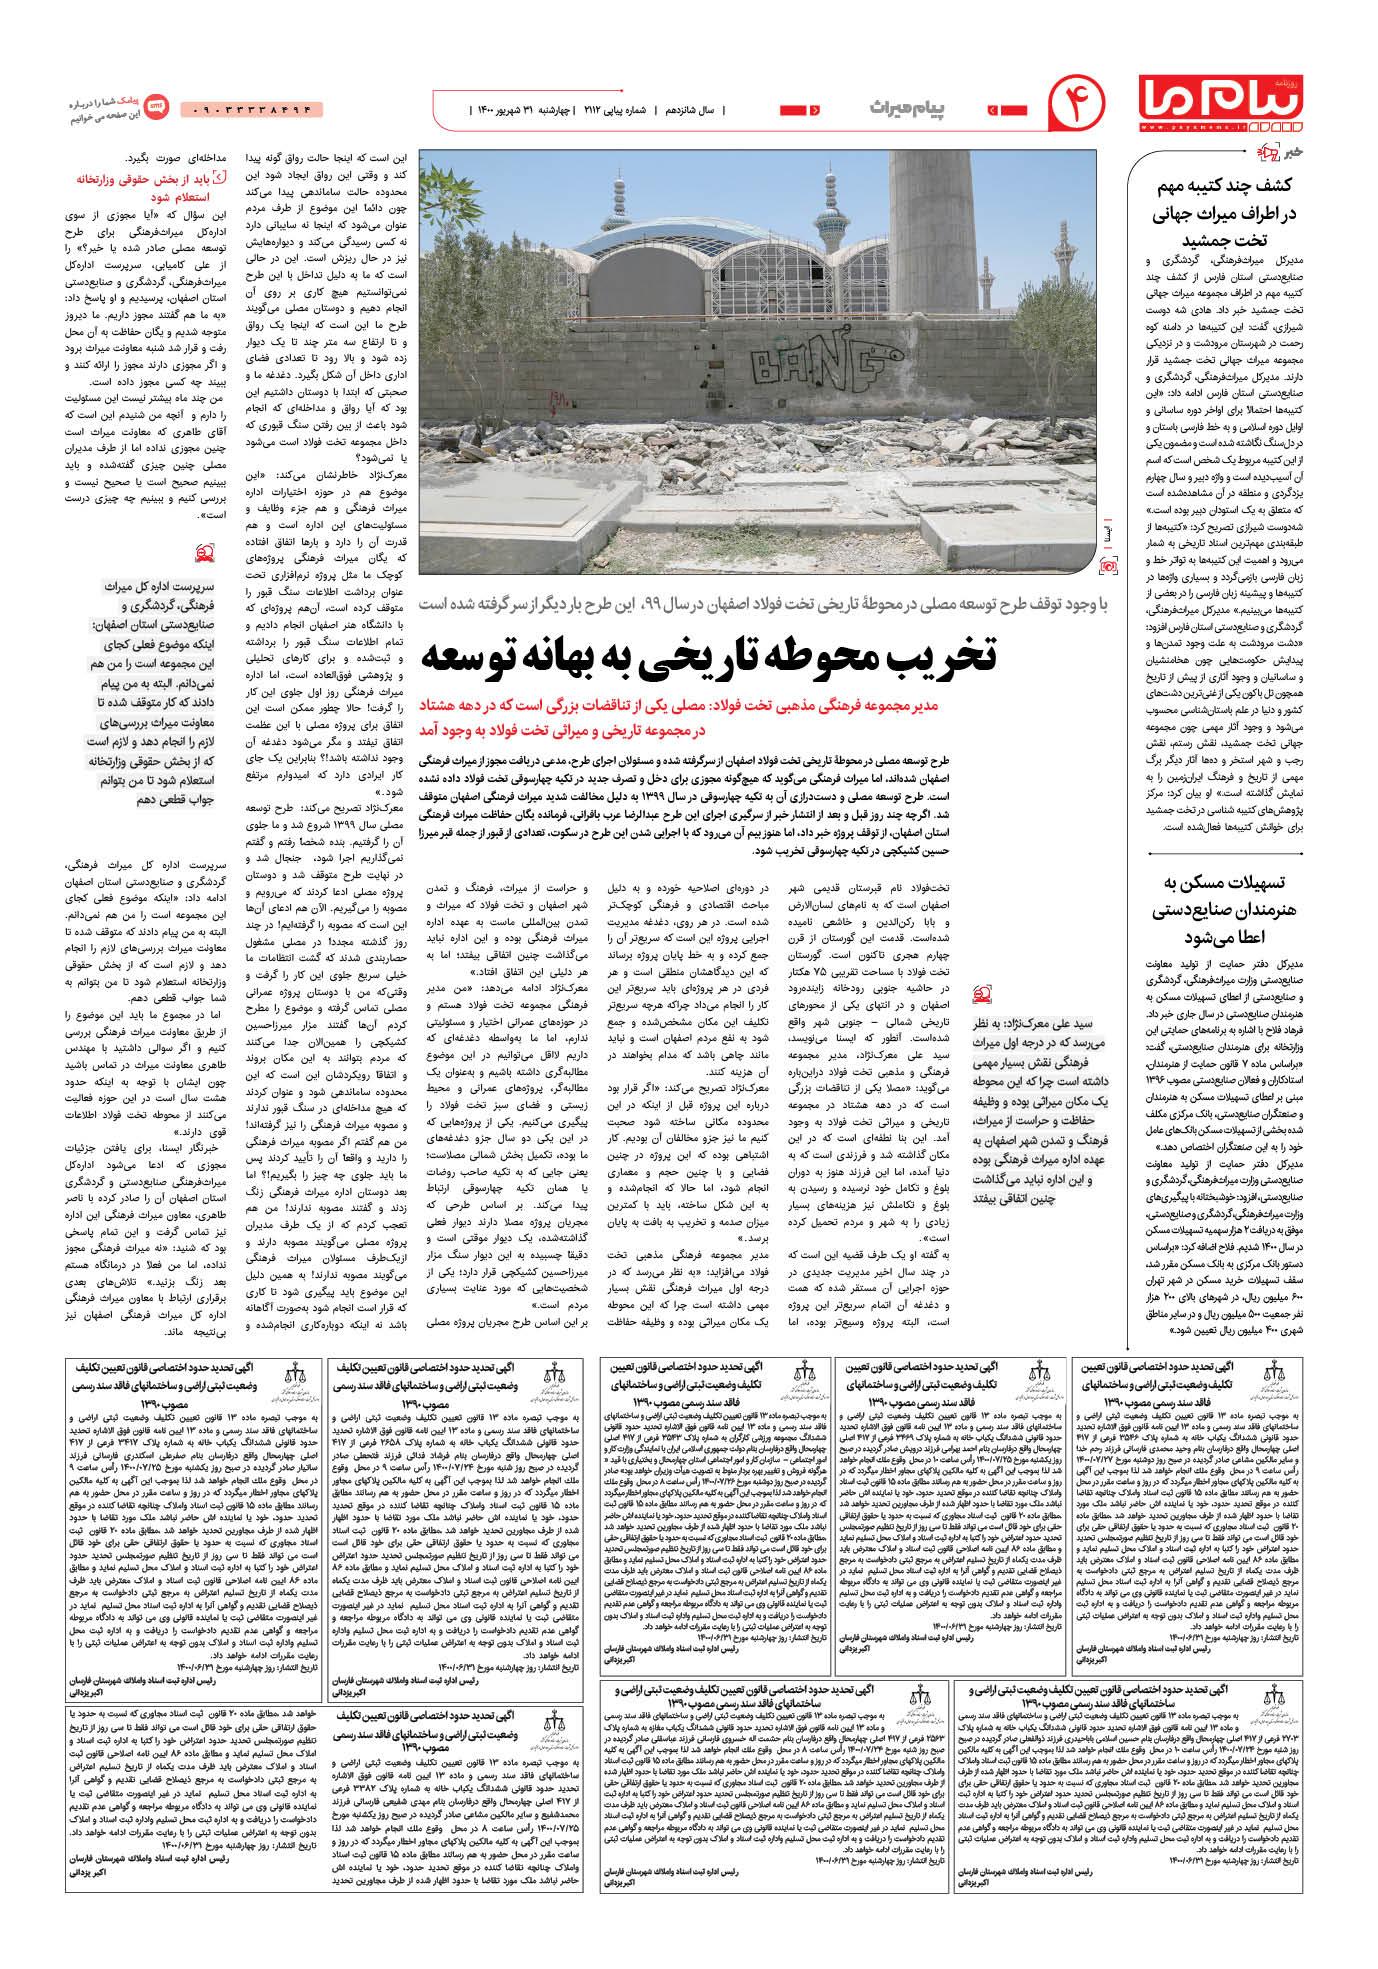 صفحه پیام میراث شماره 2112 روزنامه پیام ما